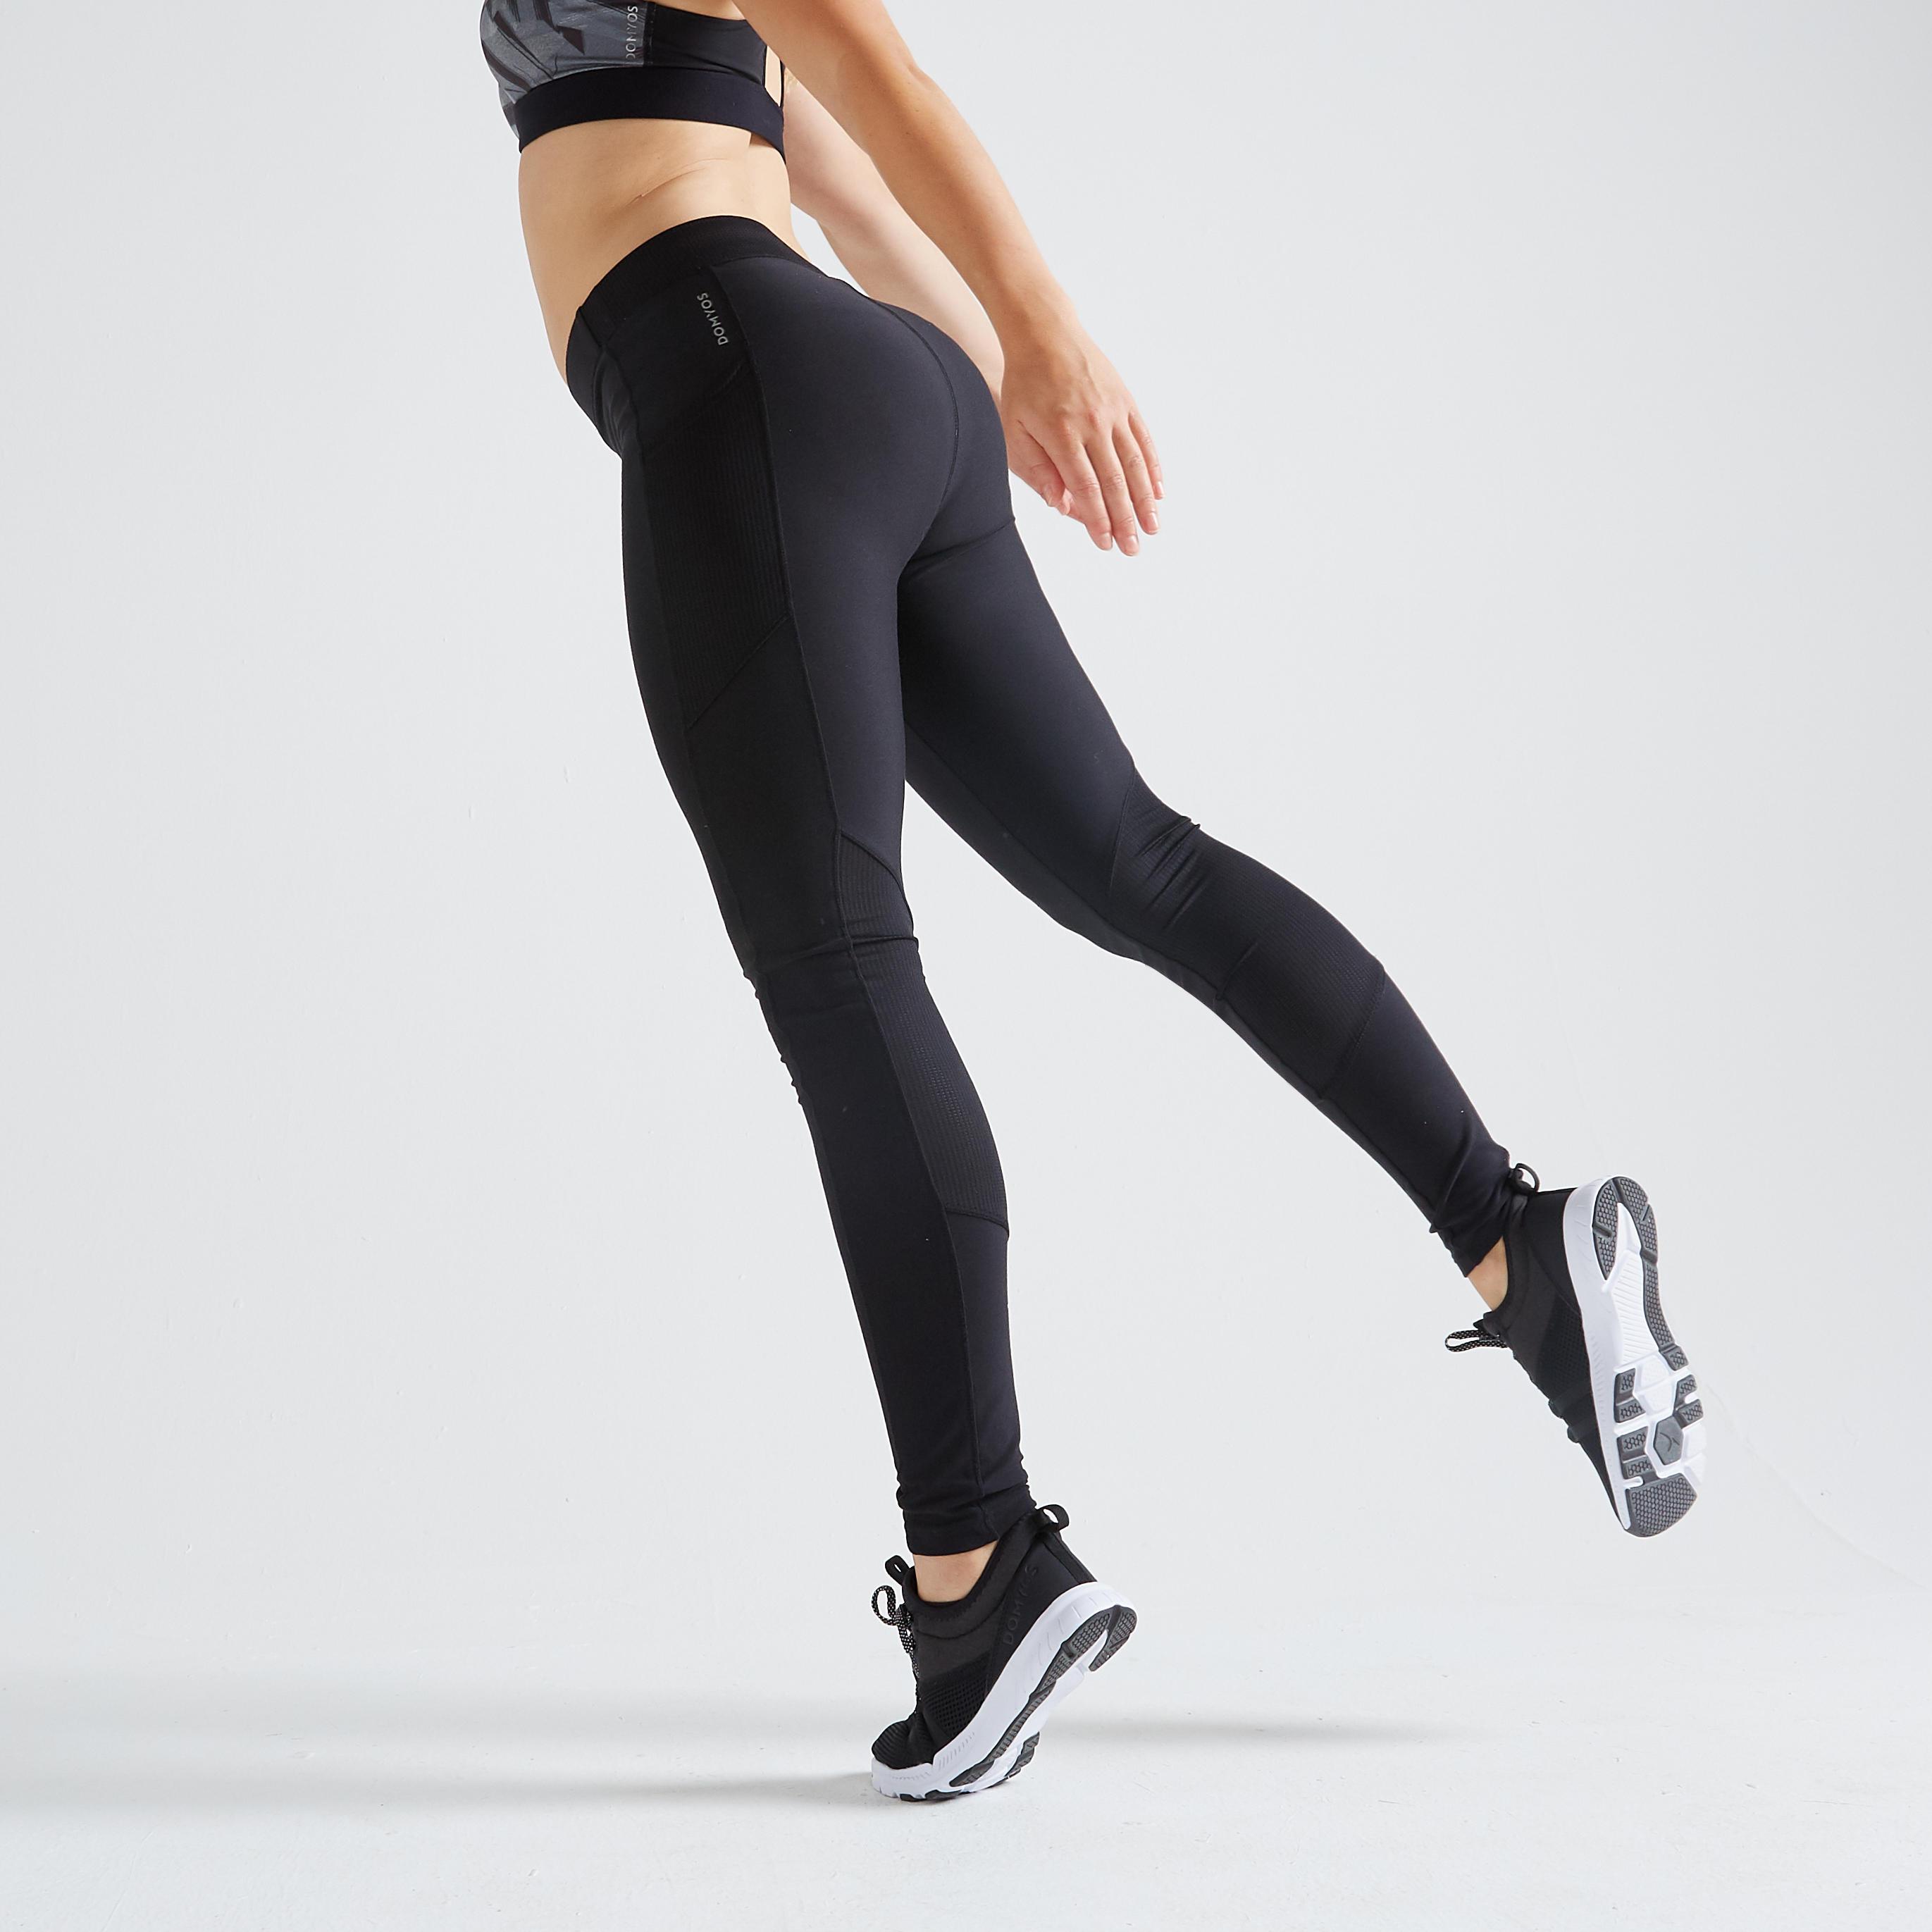 Colanţi Fitness 120 Negru Damă